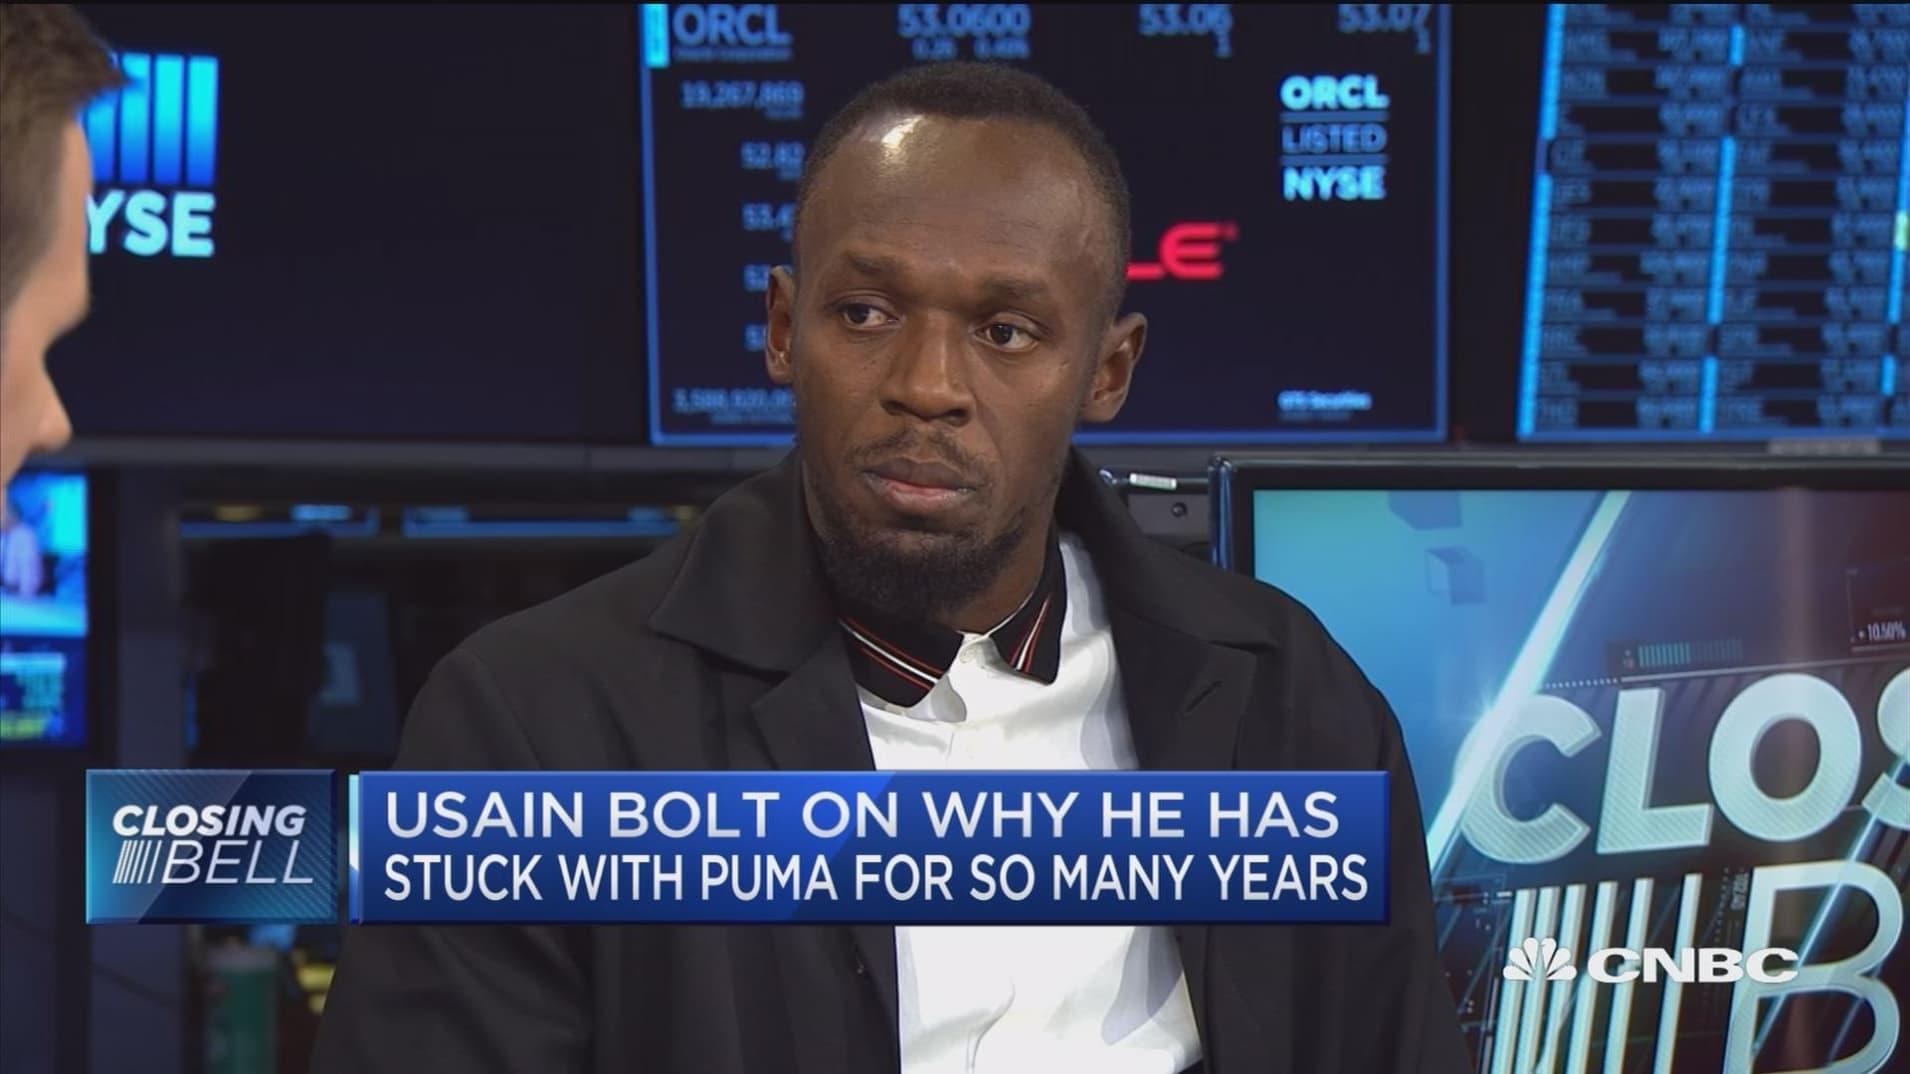 Usain Bolt becomes spokesperson for e-scooter company Bolt